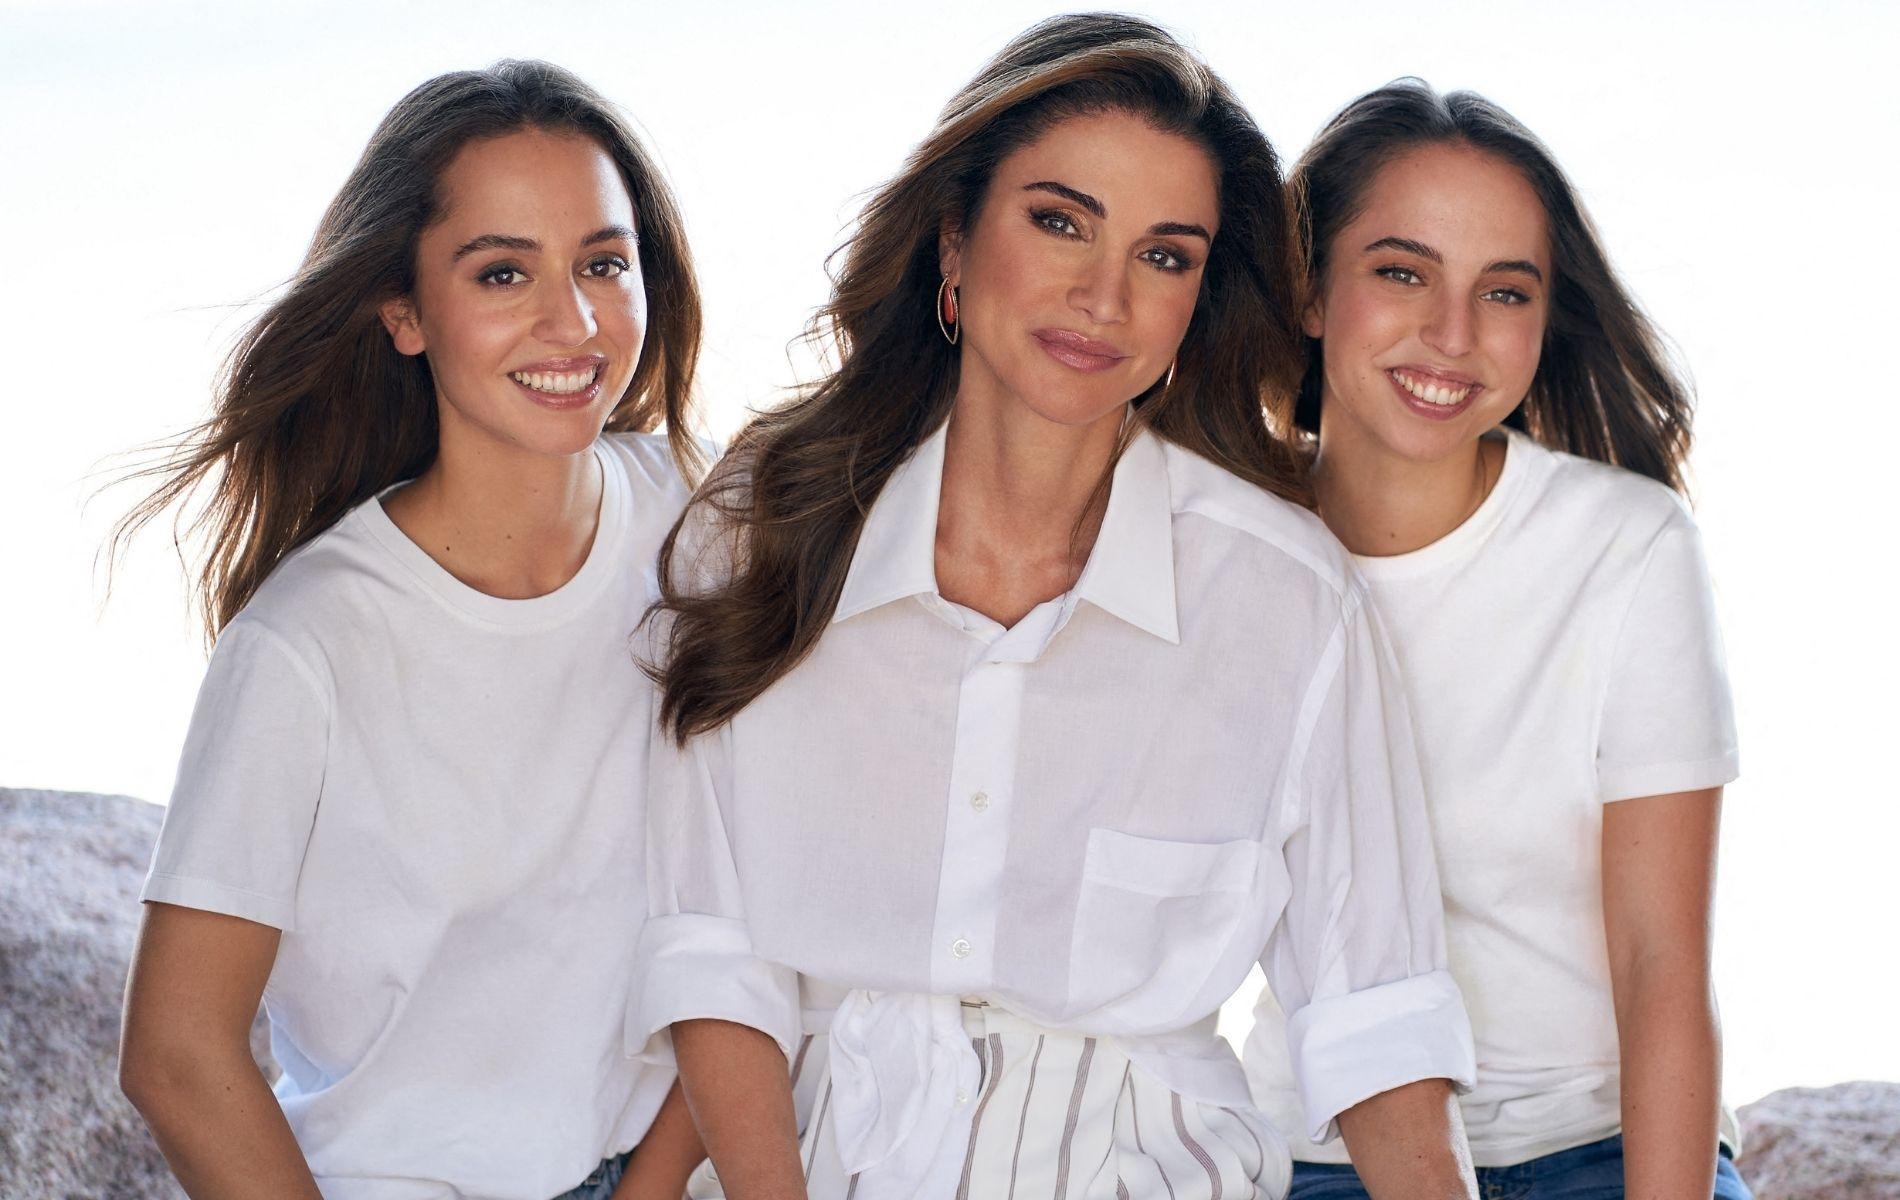 La reine Rania de Jordanie dévoile un portrait inédit de ses filles, les princesses Salma et Iman